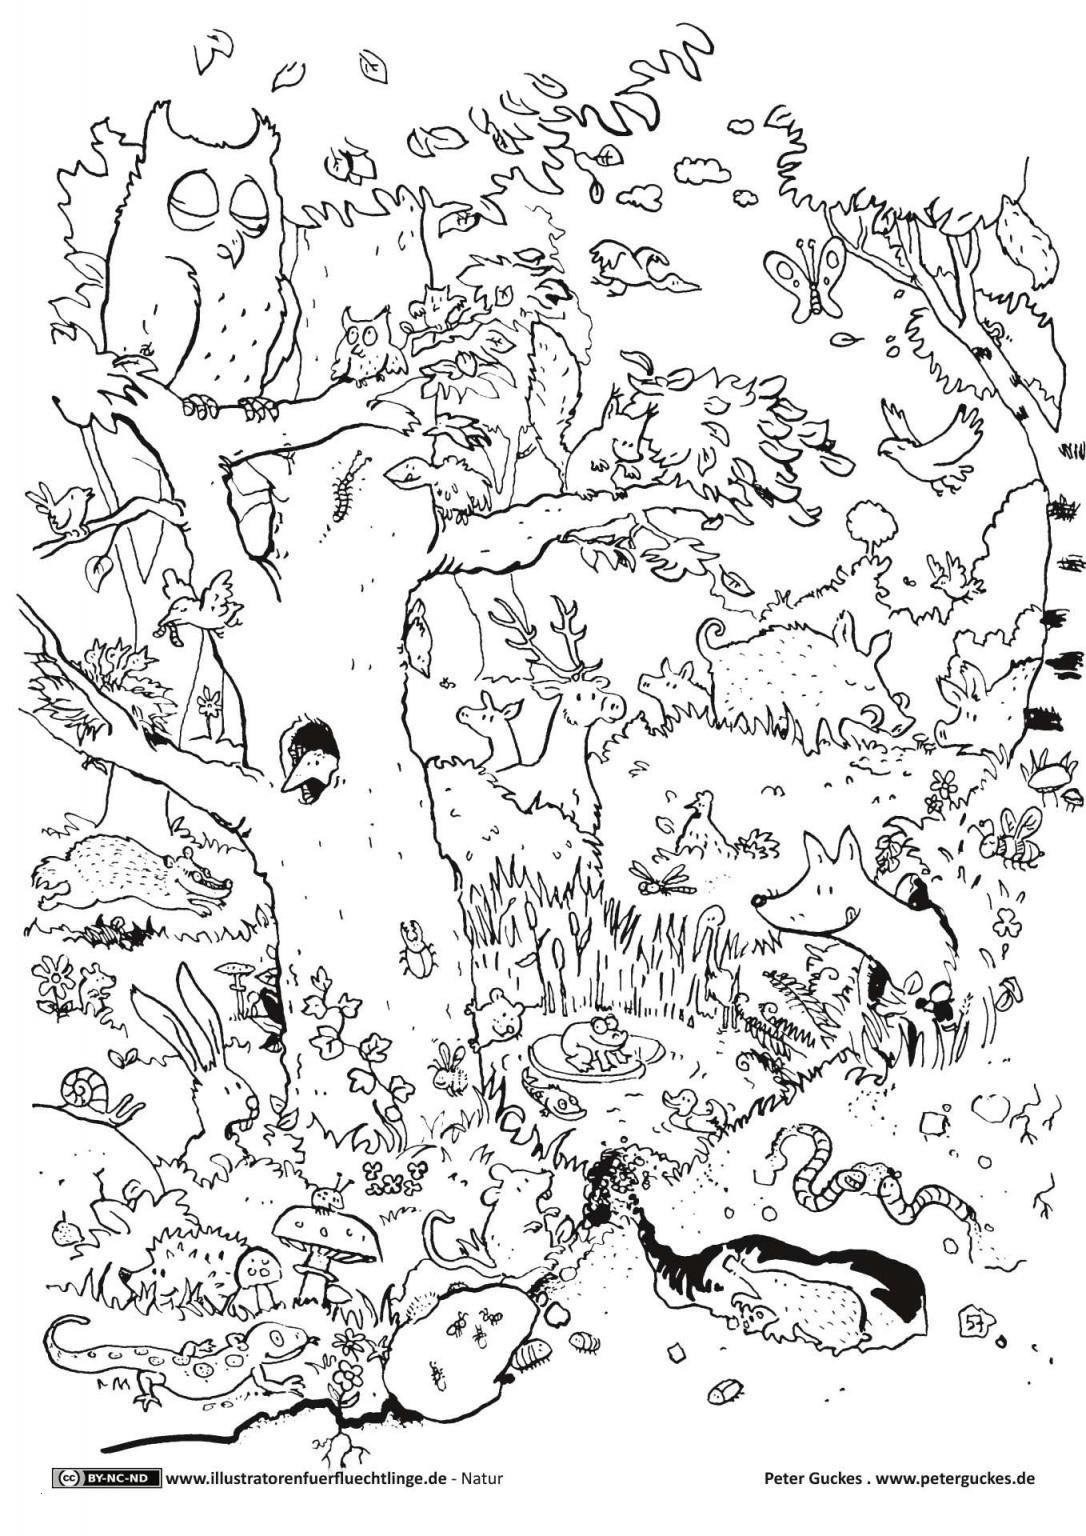 Hasen Bilder Zum Ausdrucken Kostenlos Einzigartig Ausmalbilder Kaninchen Elegant 37 Ausmalbilder Peach Scoredatscore Stock